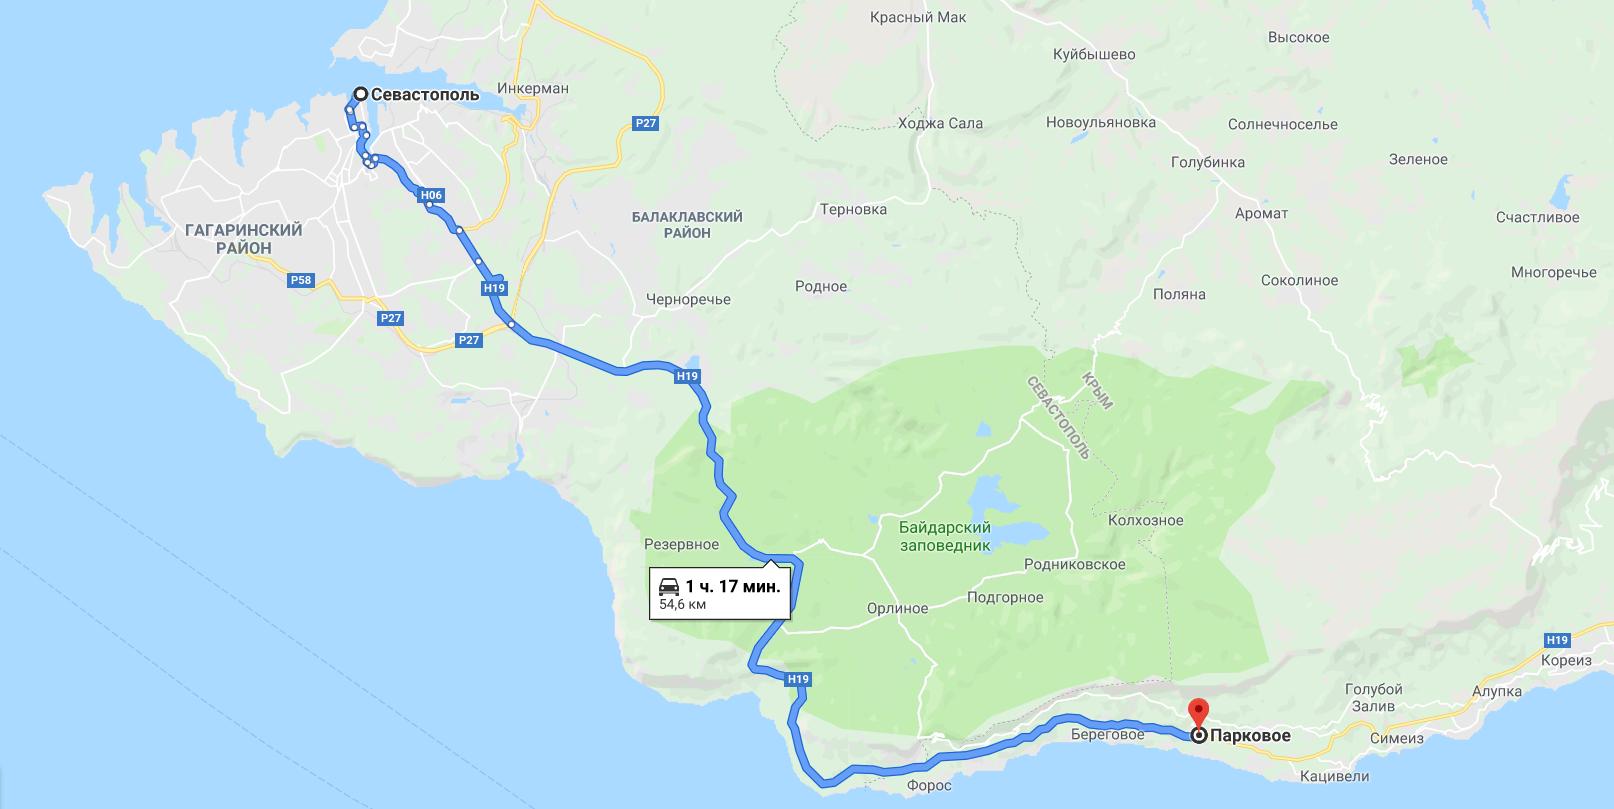 Поселок Парковое на карте Крыма – настоящий рай у моря